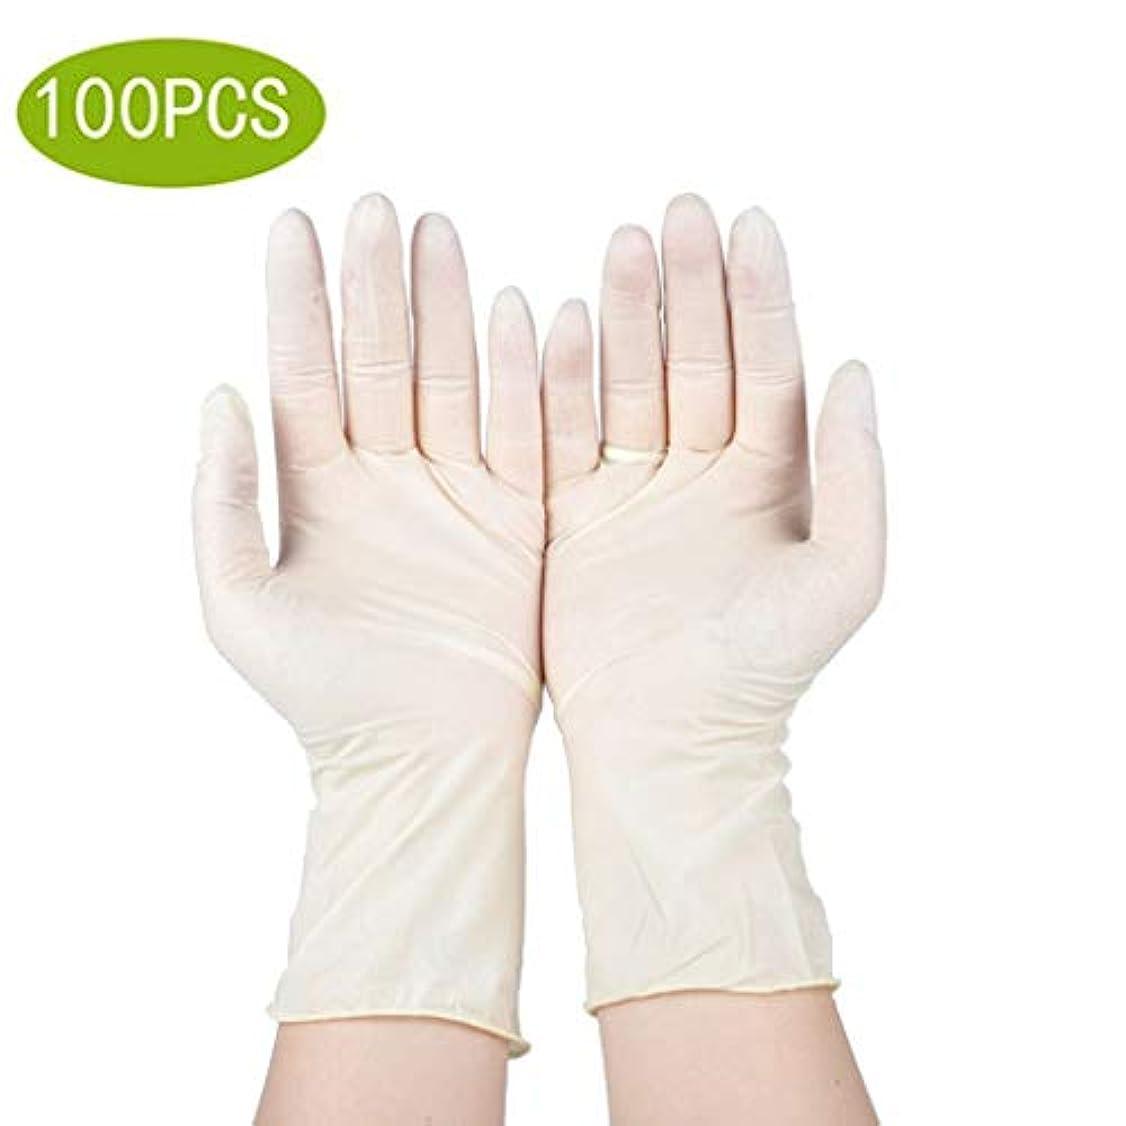 ボット堀フィクションニトリル試験用手袋 - 医療用グレード、パウダーフリー、ラテックスラバーフリー、使い捨て、ラテックスグローブ食品安全ラテックスグローブ (Color : Latex Gloves, Size : L)